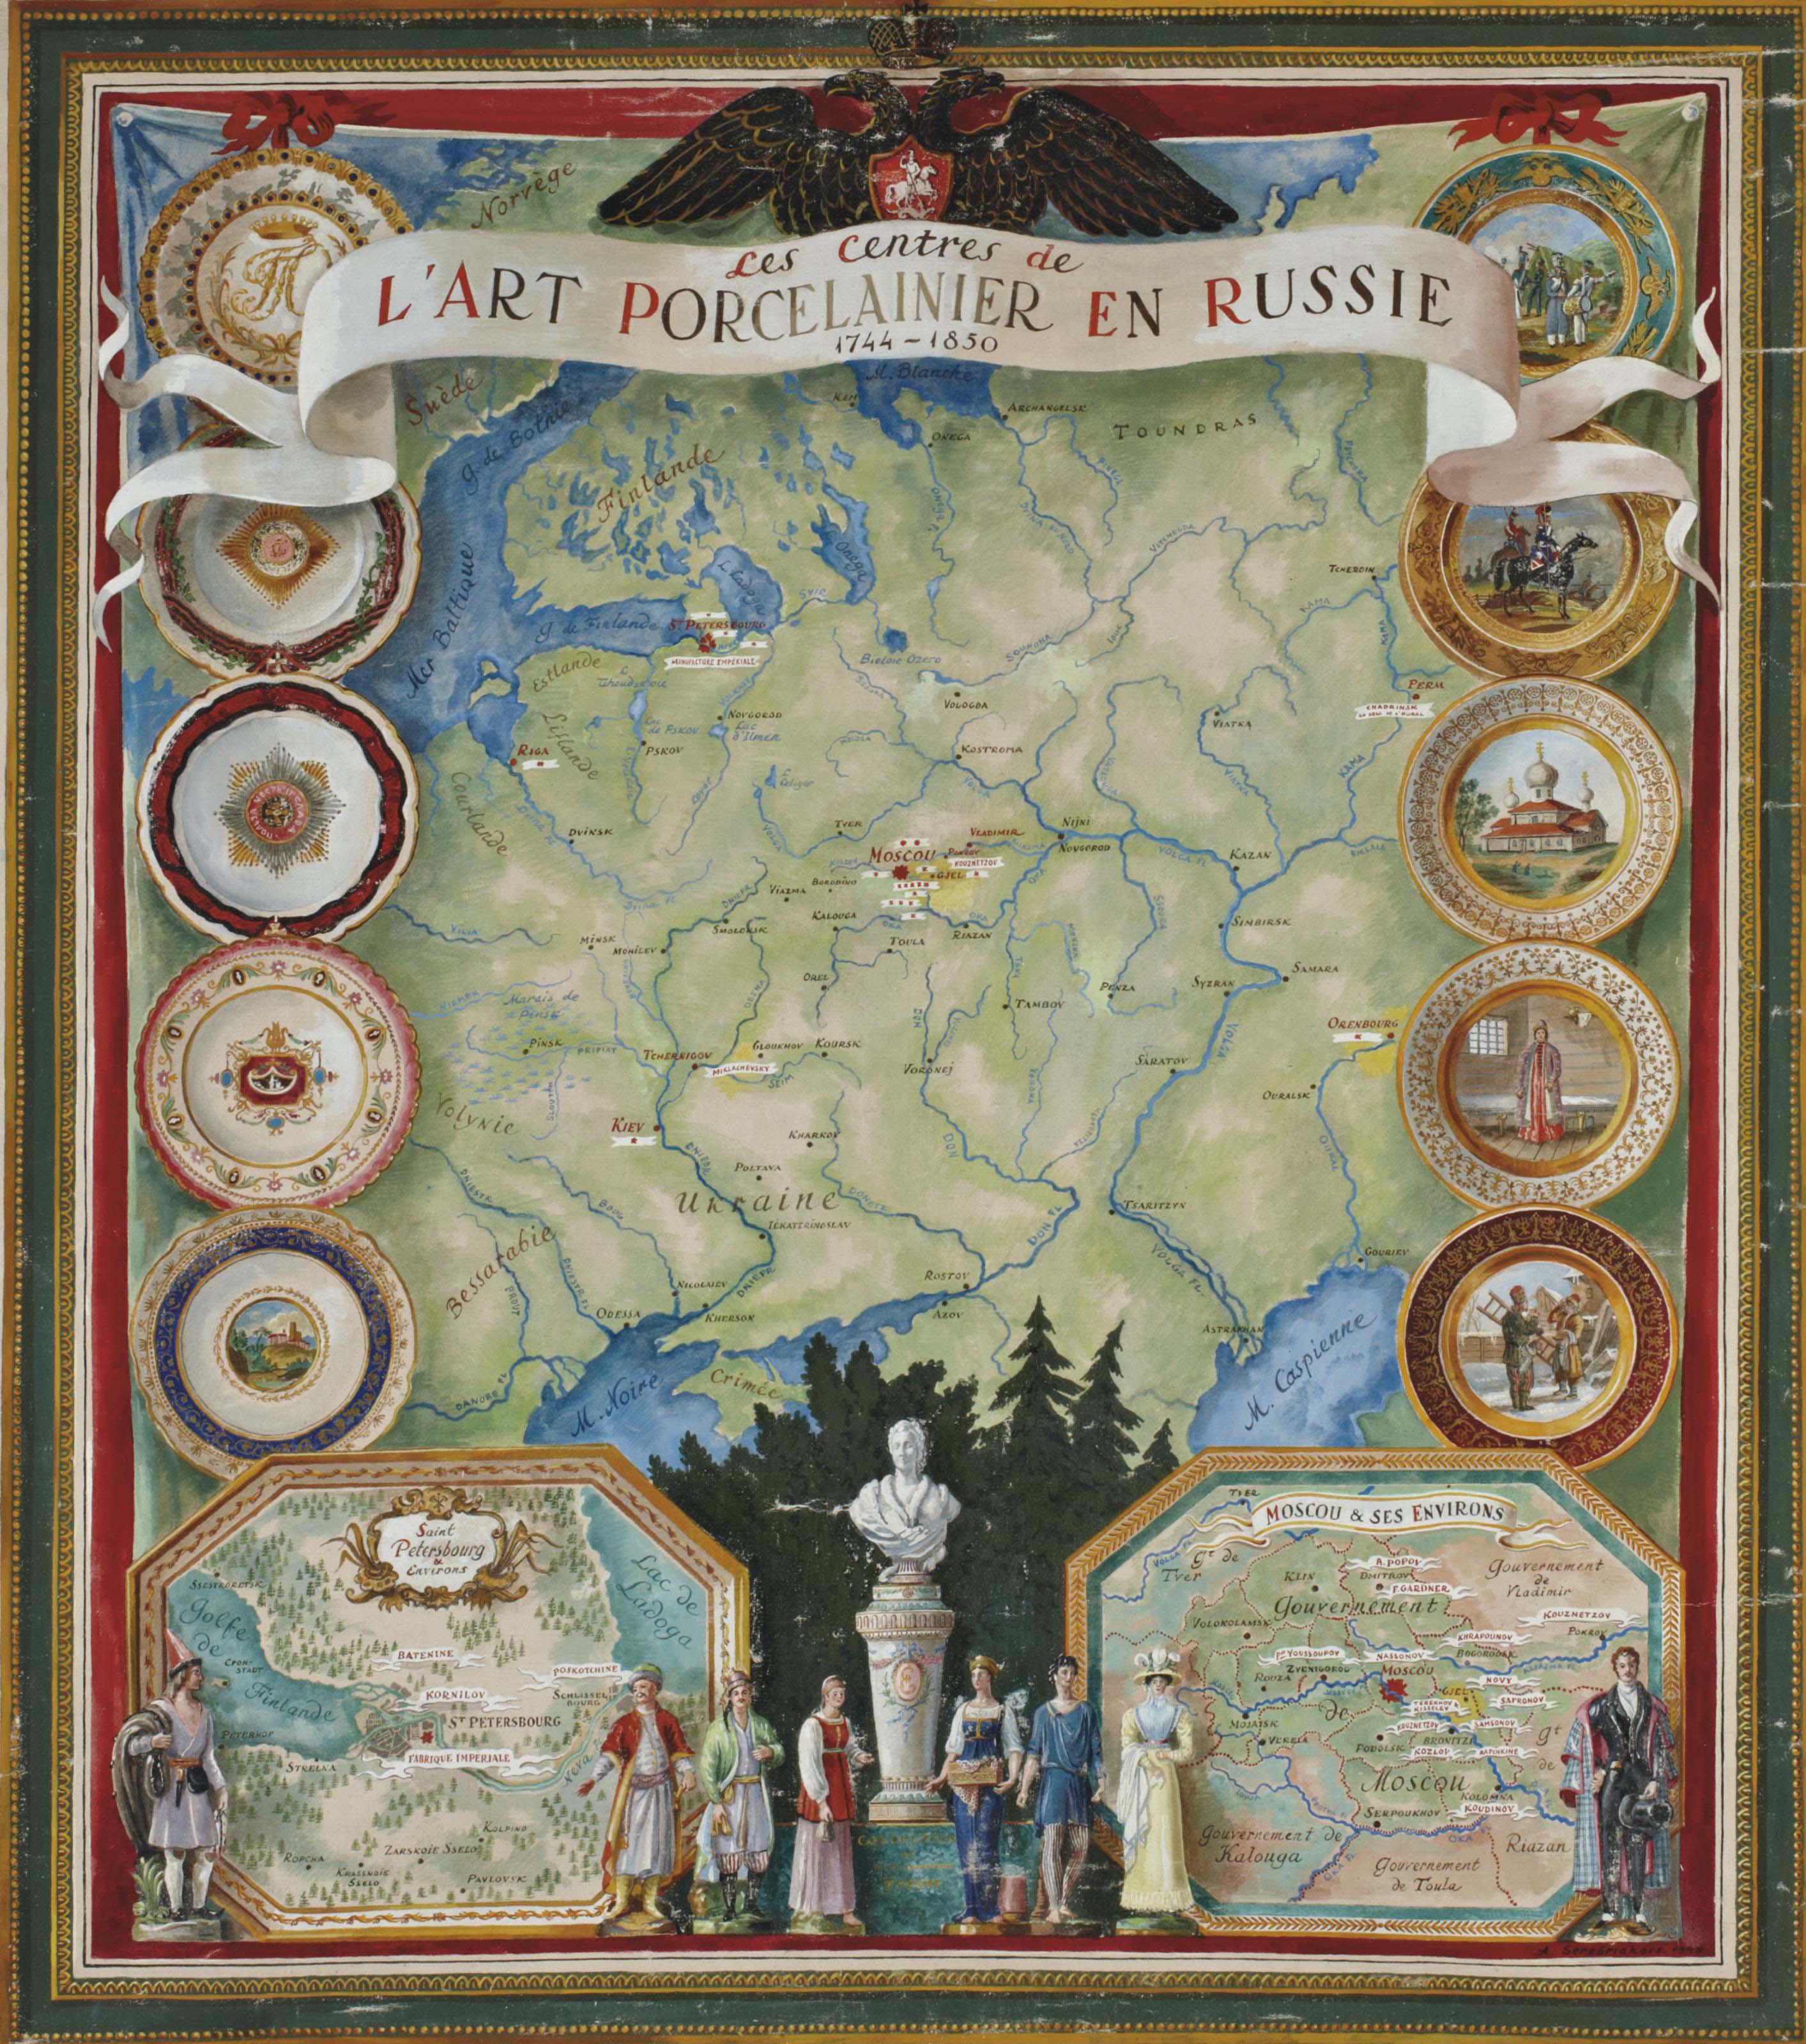 Les Centres de l'Art Porcelainier en Russie 1744-1850, collection de Mr et Mme Alexandre Popoff